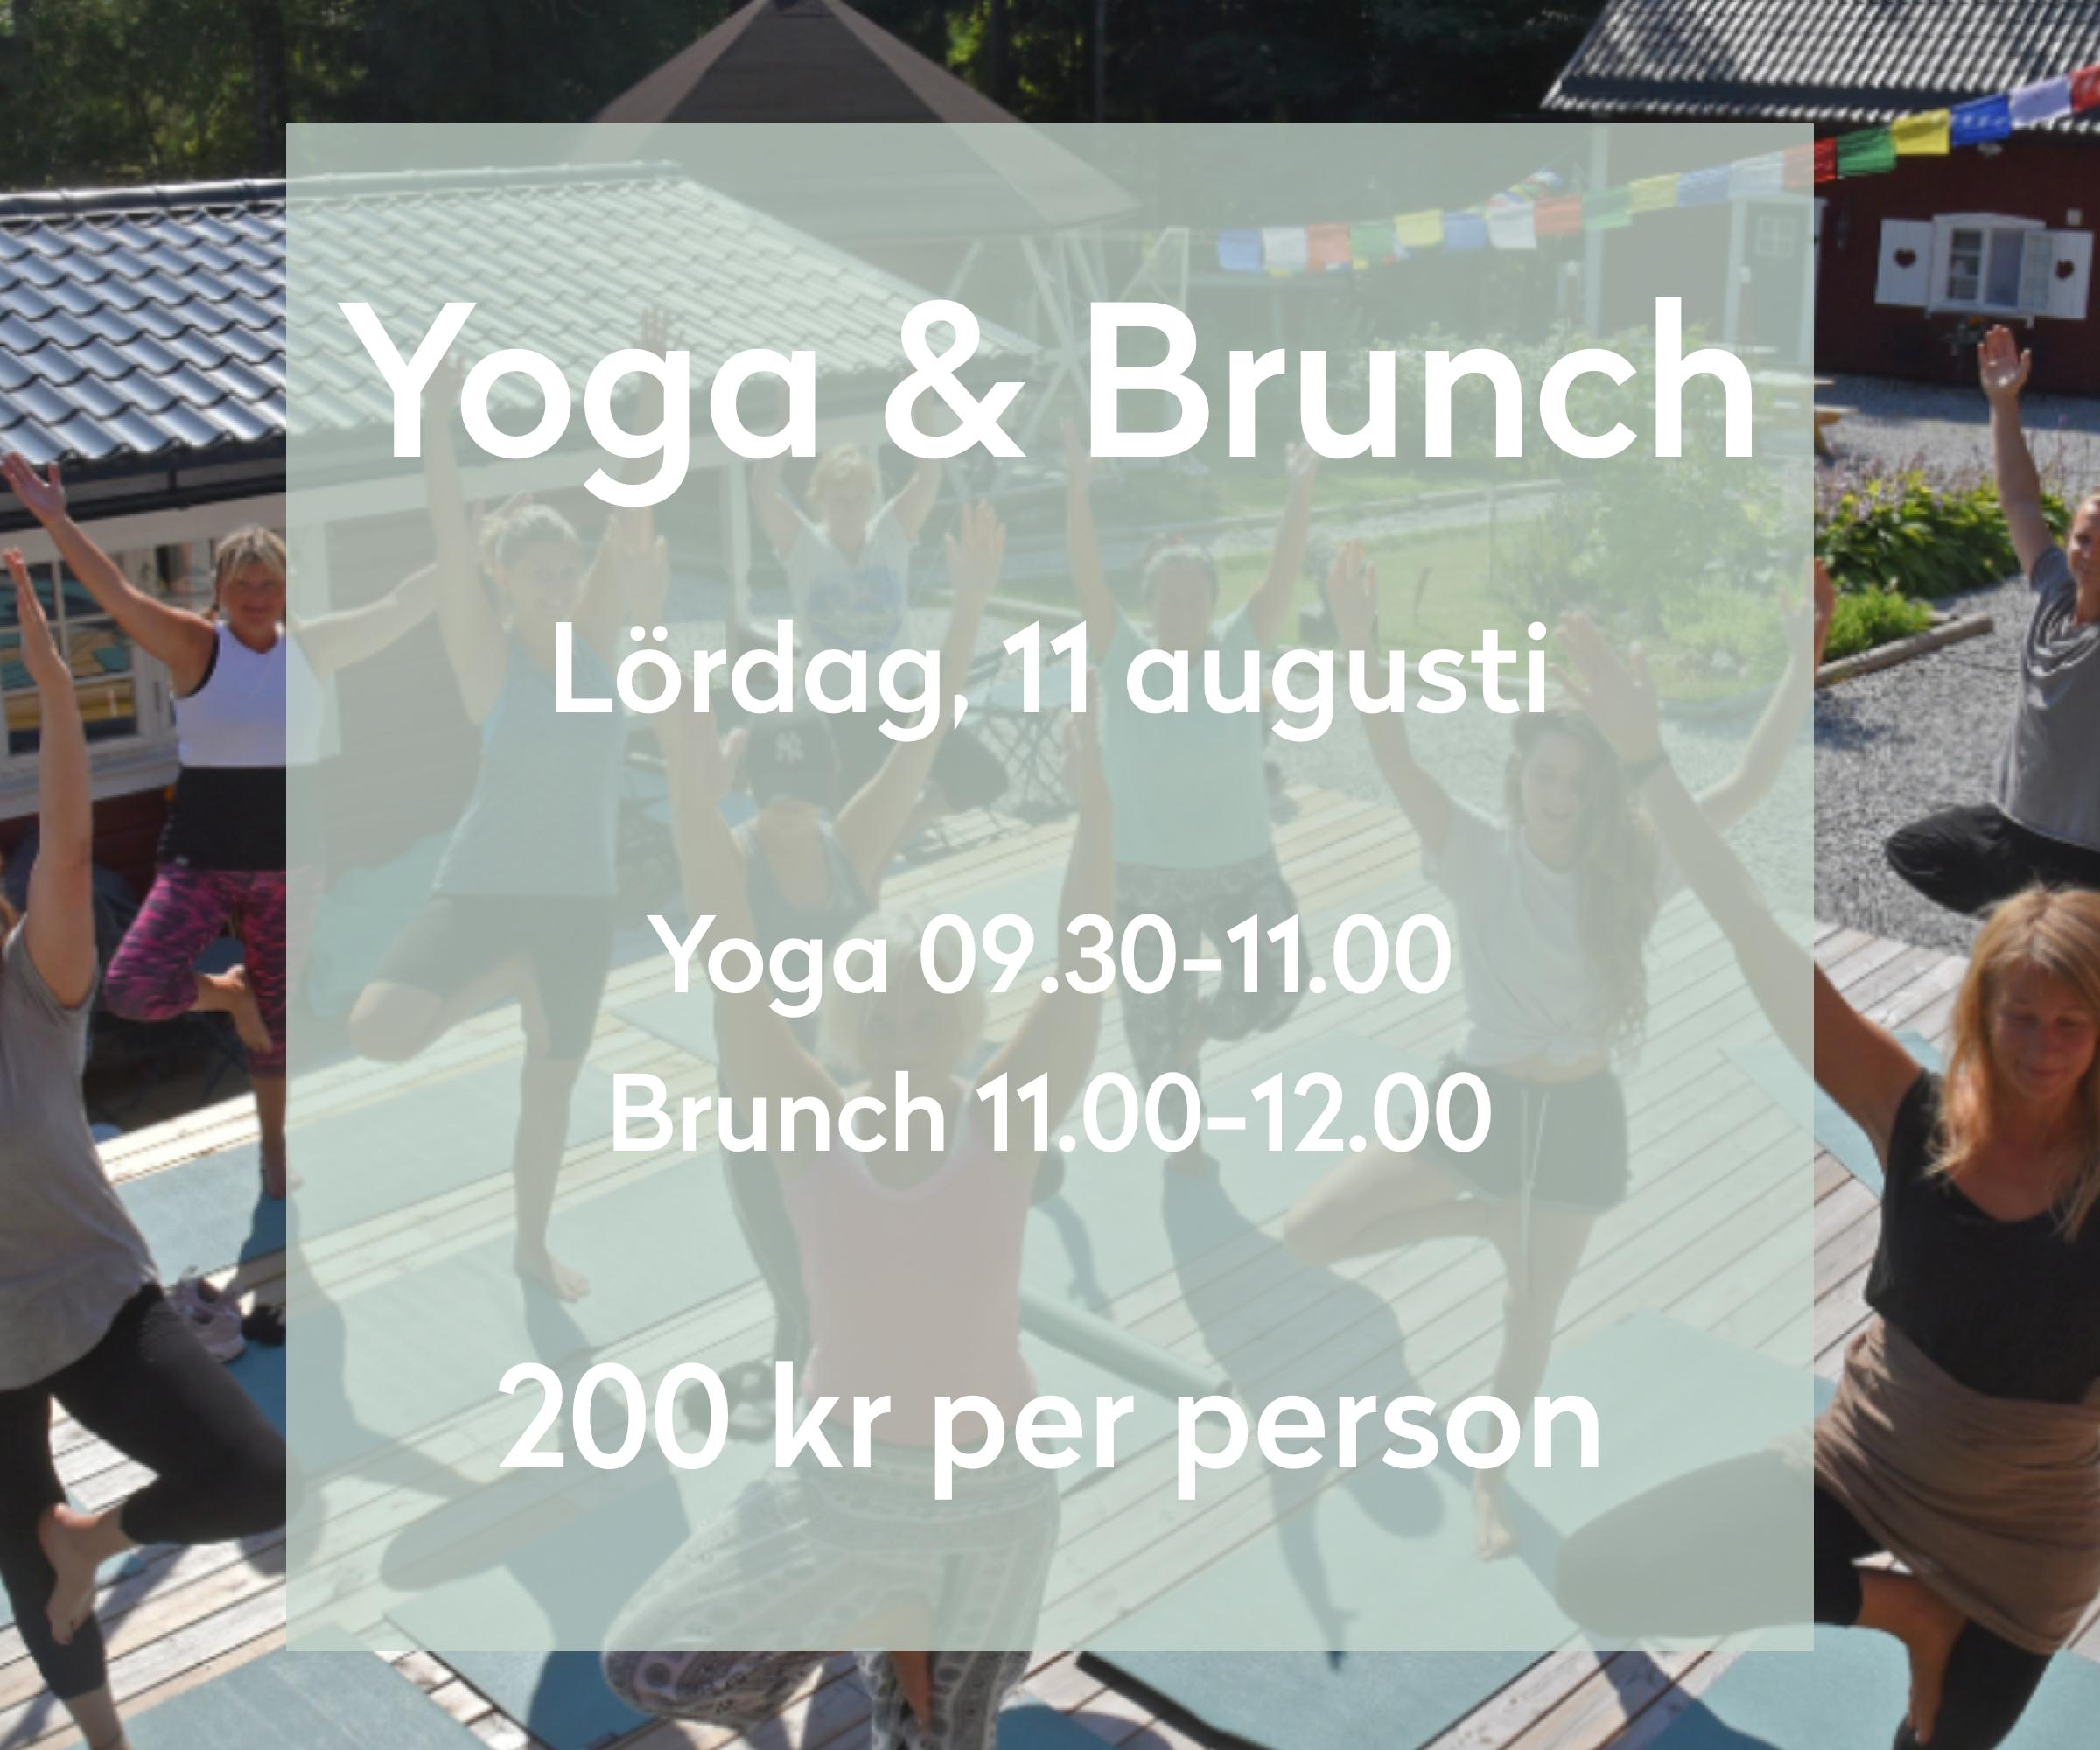 Yoga & Brunch - Den 11e augusti bjuder vi in 20 glada för en go yoga klass som sedan avrundas med en vegetarisk brunch.Föranmälan krävs - smsa till 0703-751627 eller mejla oss på info@asphyttanmettahouse.se - du får sedan ett svar om du fått plats eller inte.Peppen är enorm!